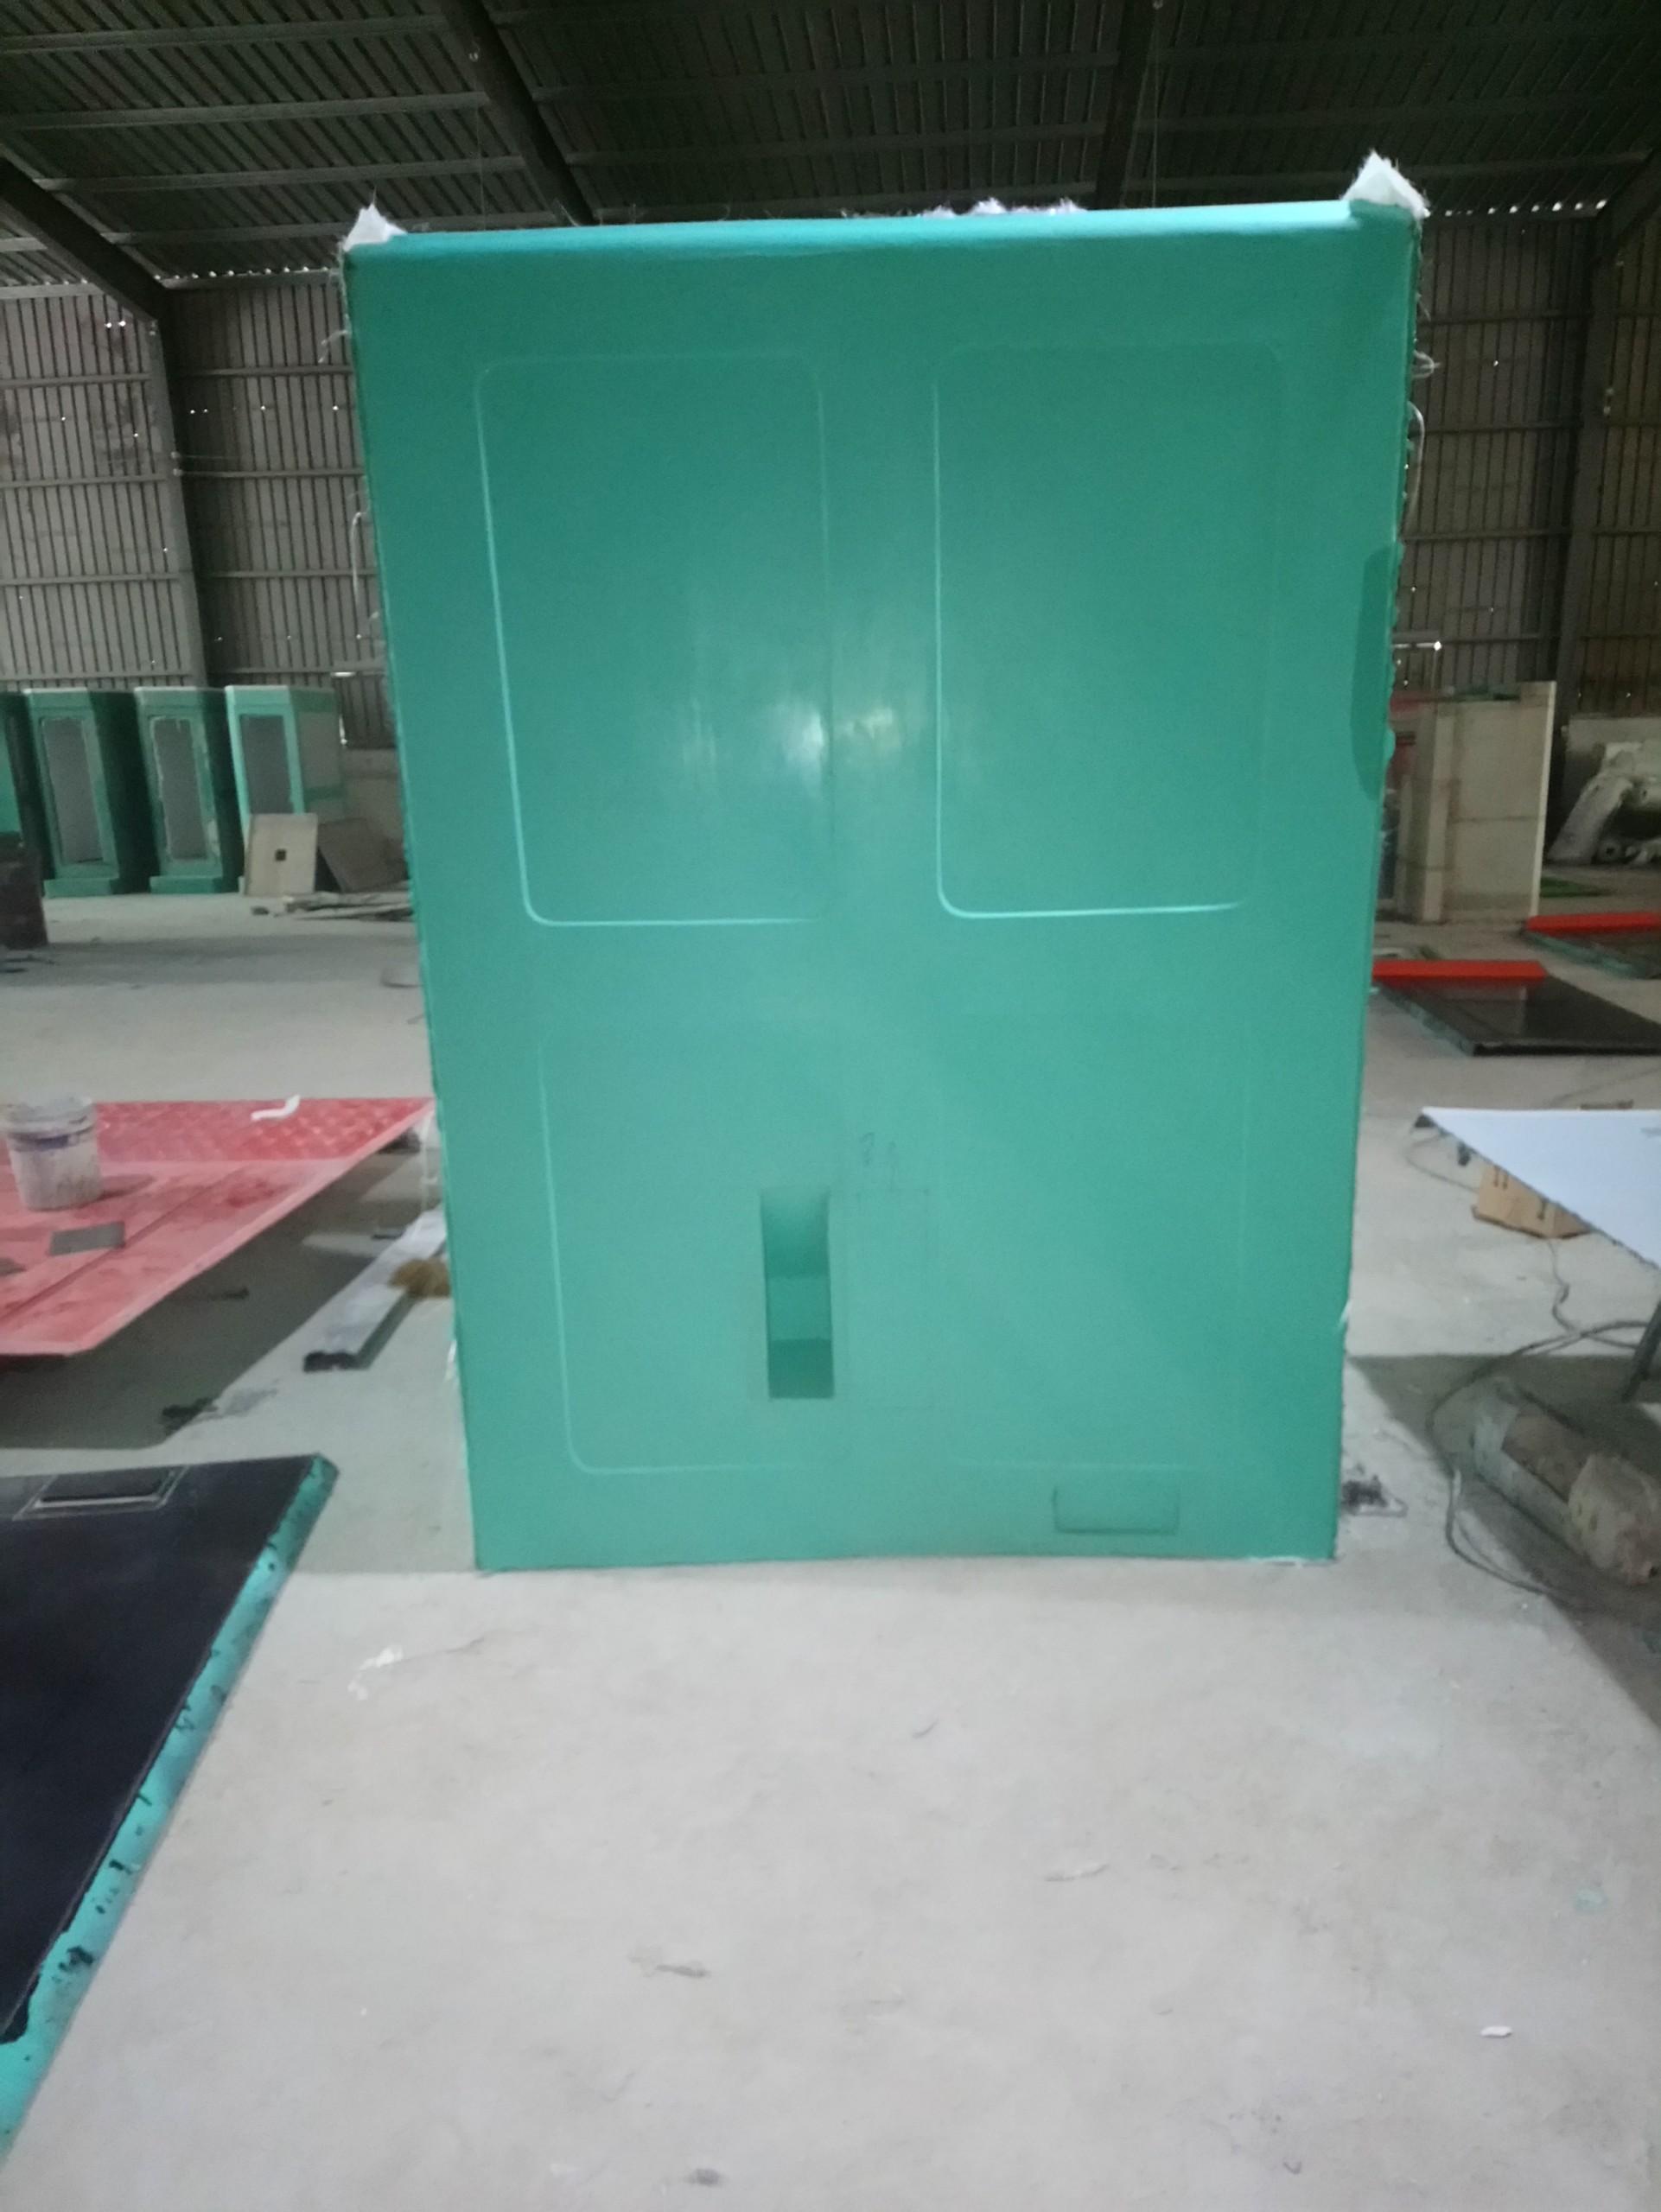 Cửa hút chất thải được thiết kế phía sau để giảm thiểu tối đa mùi khó chị trong cabin